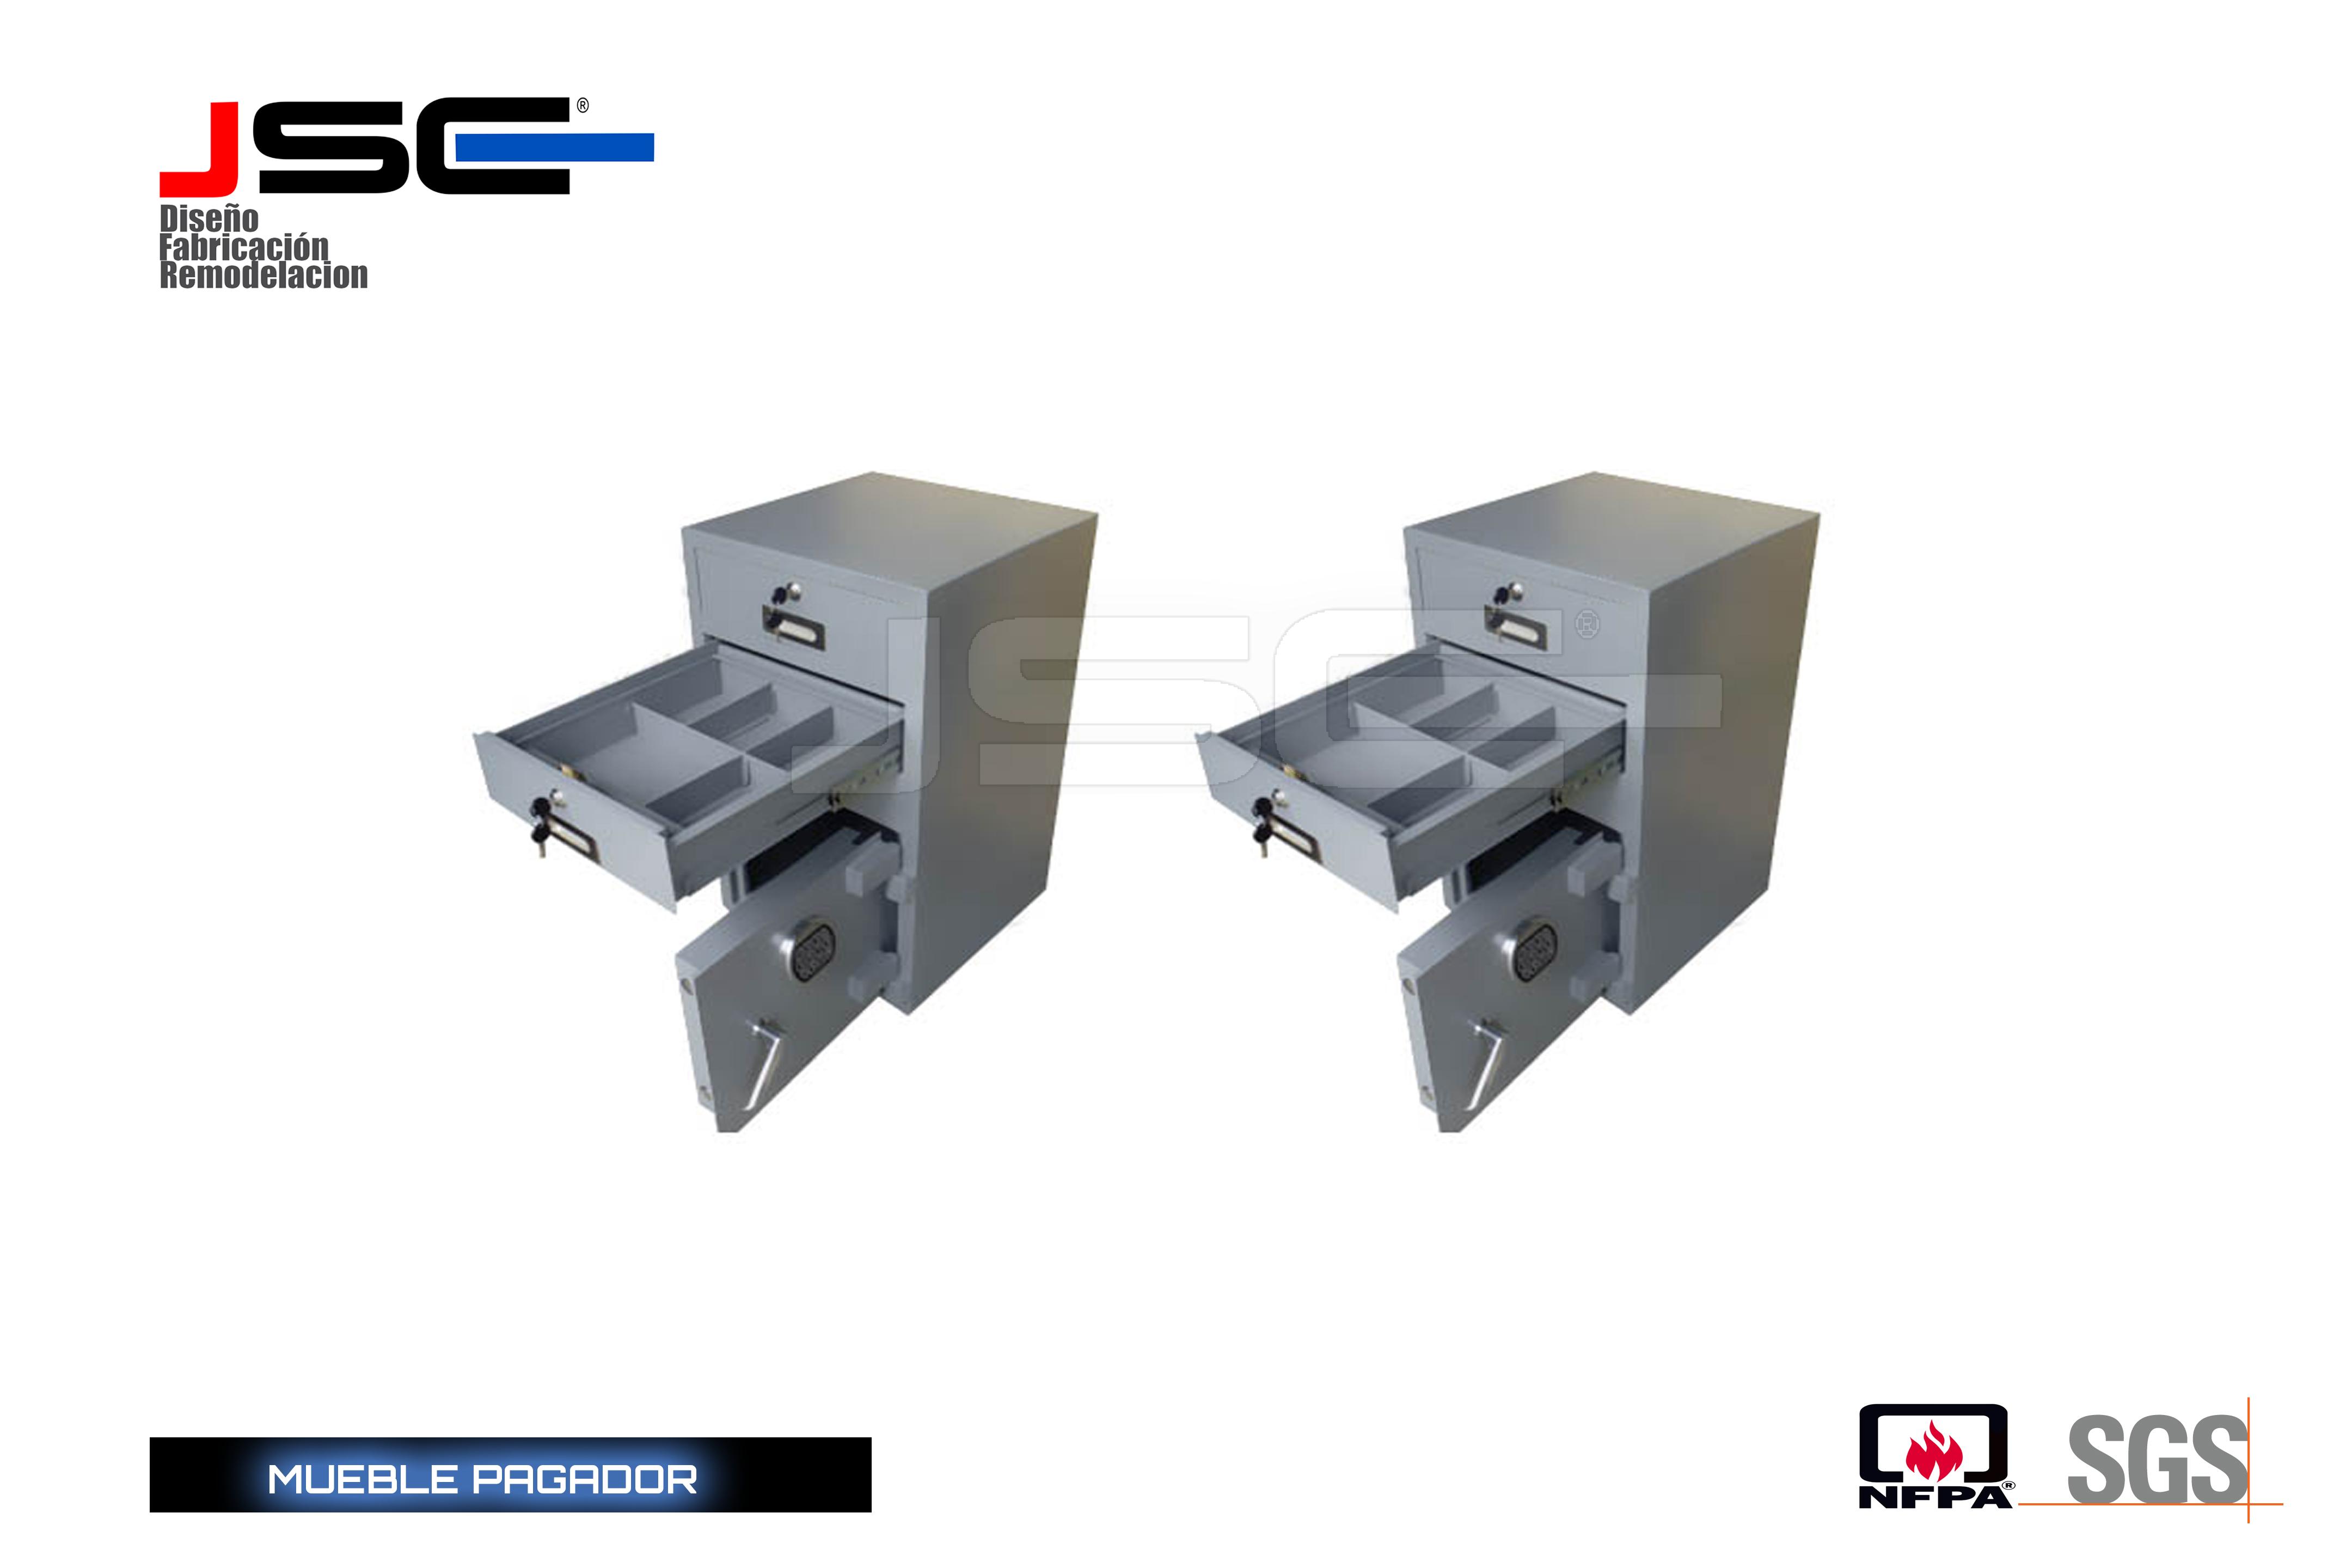 Mueble pagador JSC006